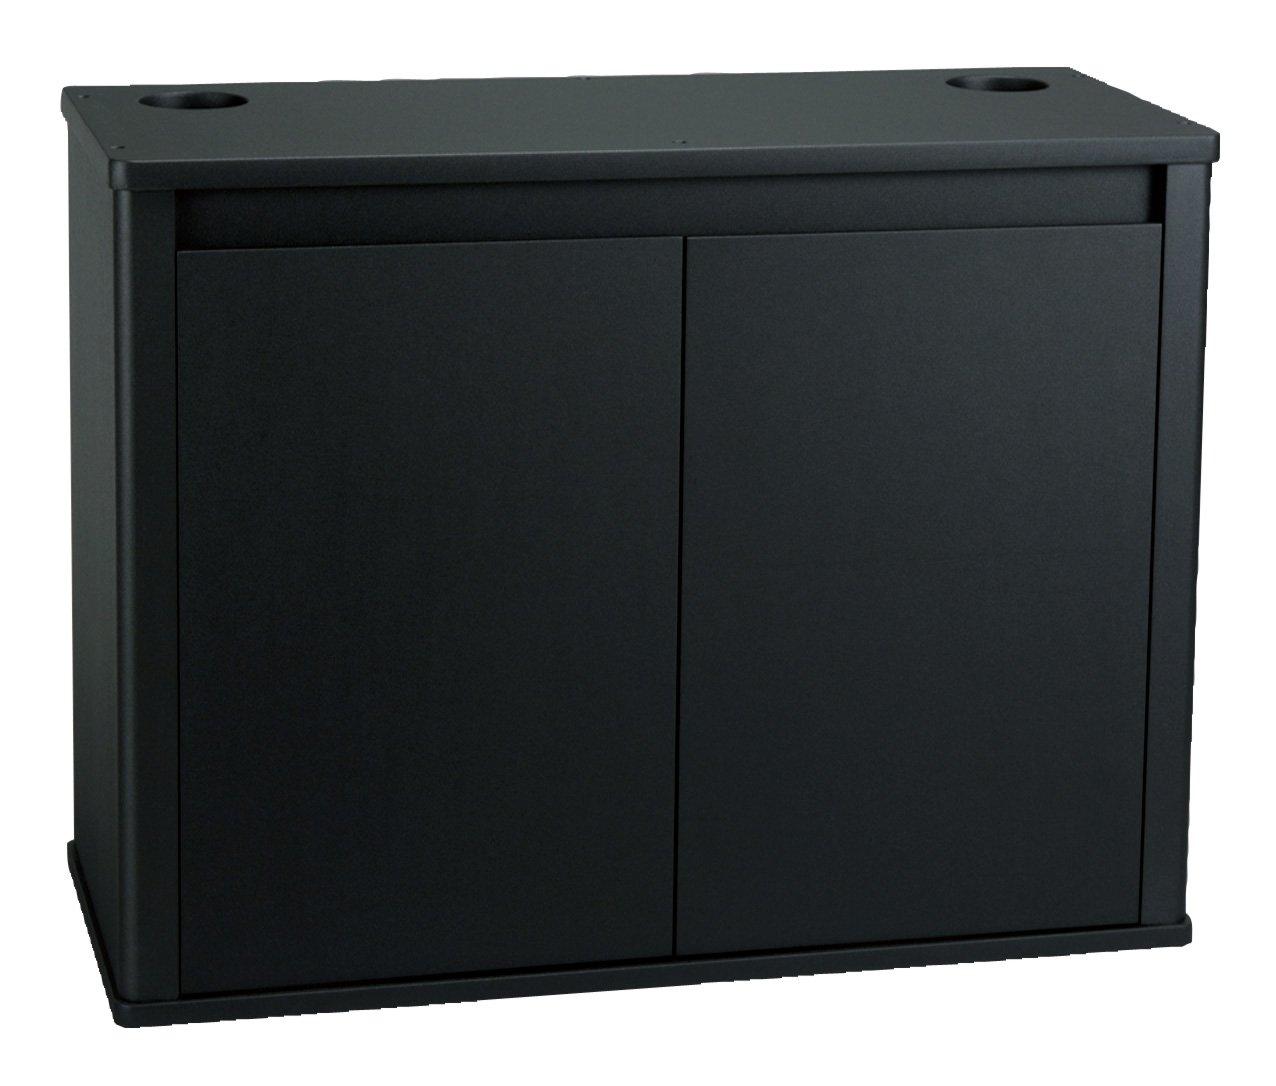 ジェックス プロスタイル 90cm水槽用台 ブラック